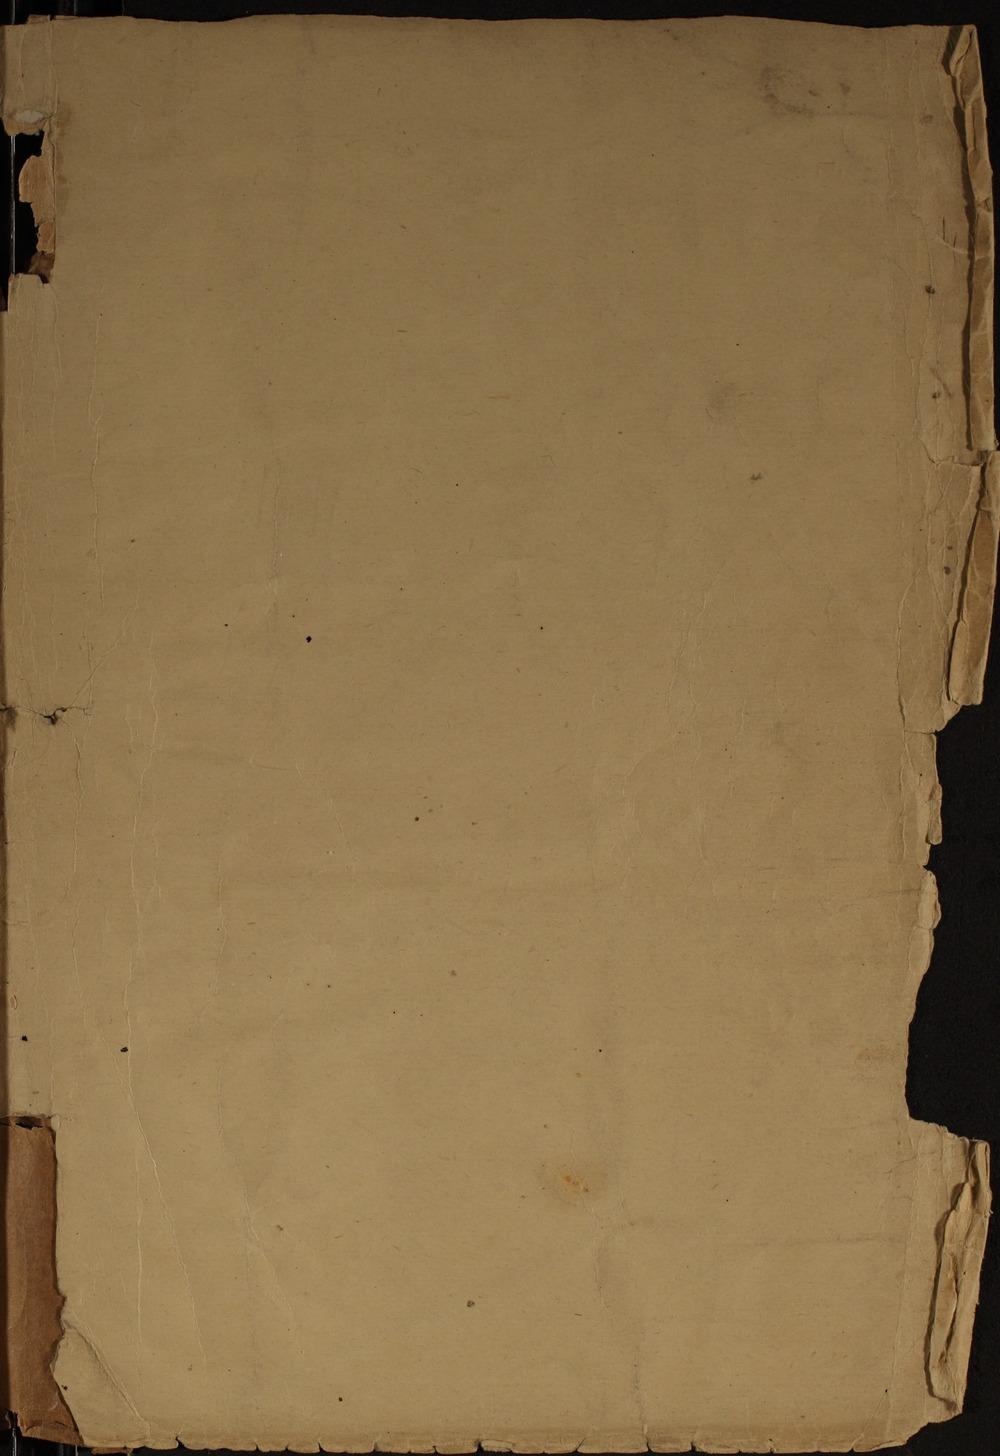 Samuel J. Reader's autobiography, volume 1 - Inside Back Cover